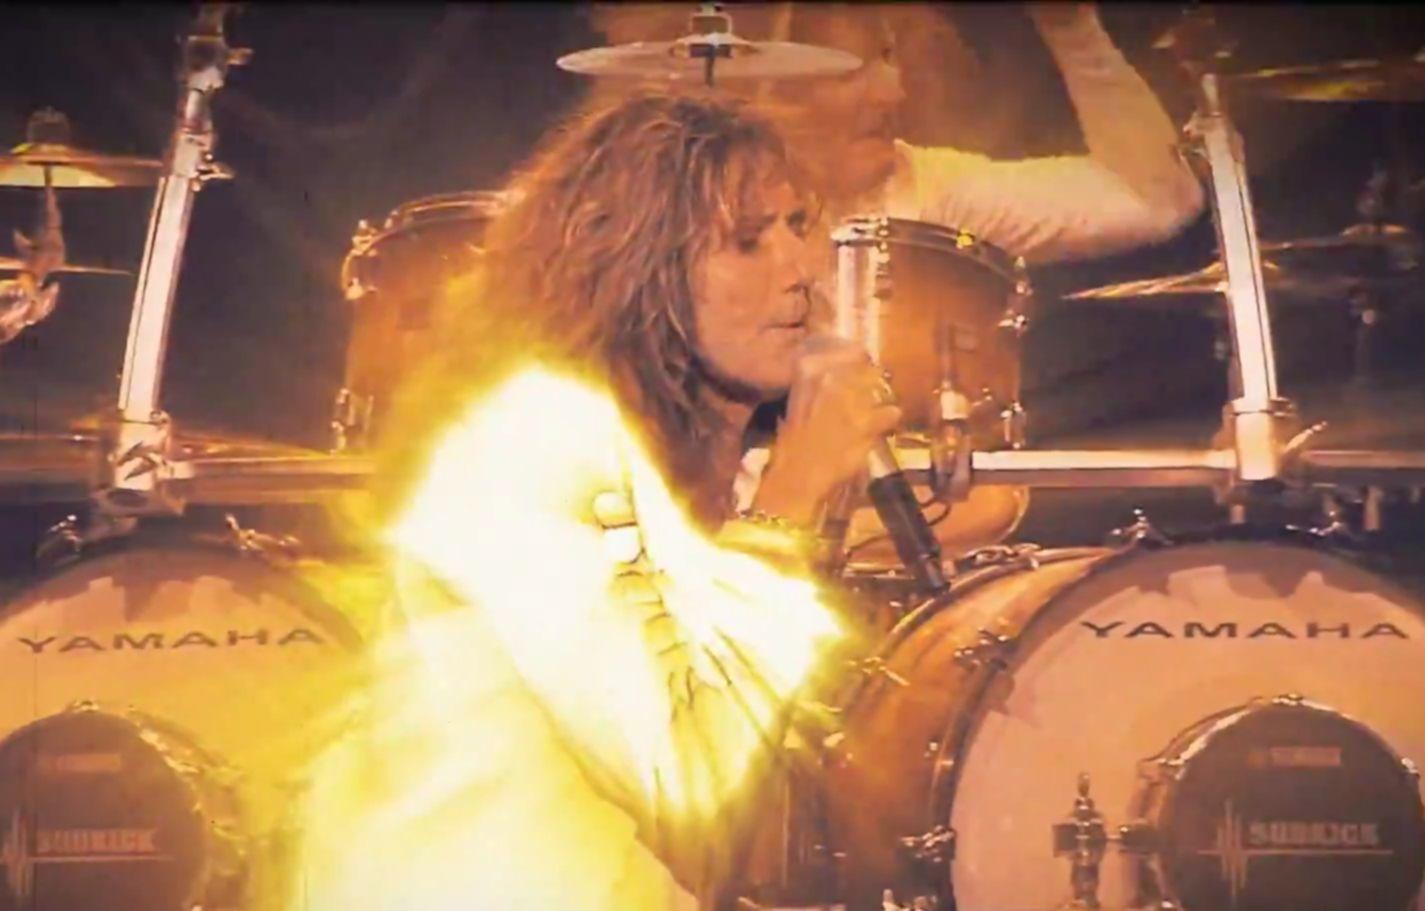 Whitesnake video still 2015